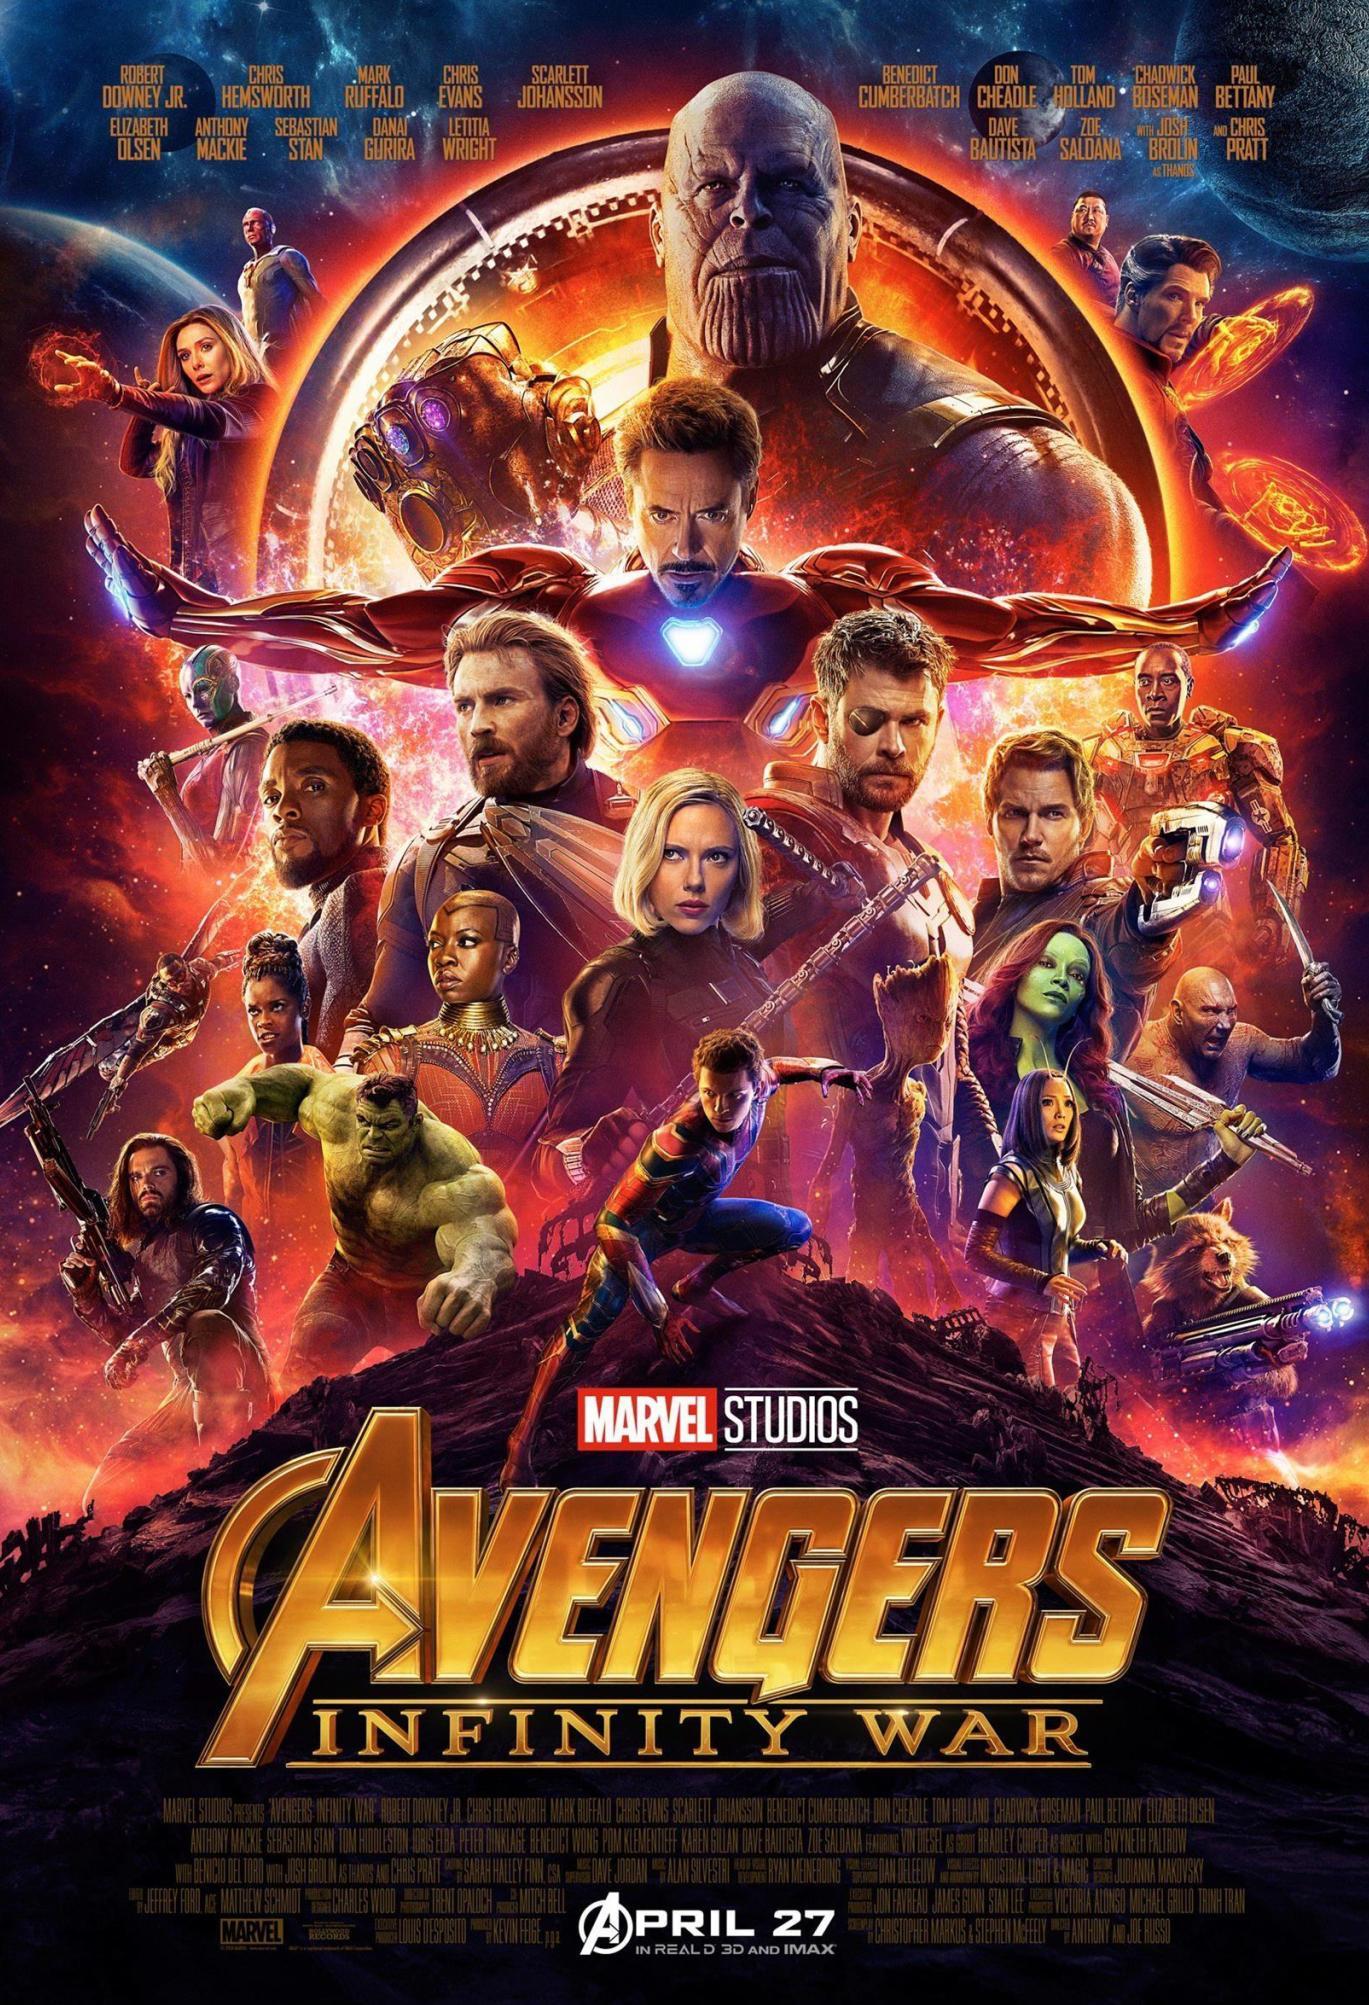 漫威电影宇宙第三阶段十部电影,《复仇者联盟4》压轴出场!